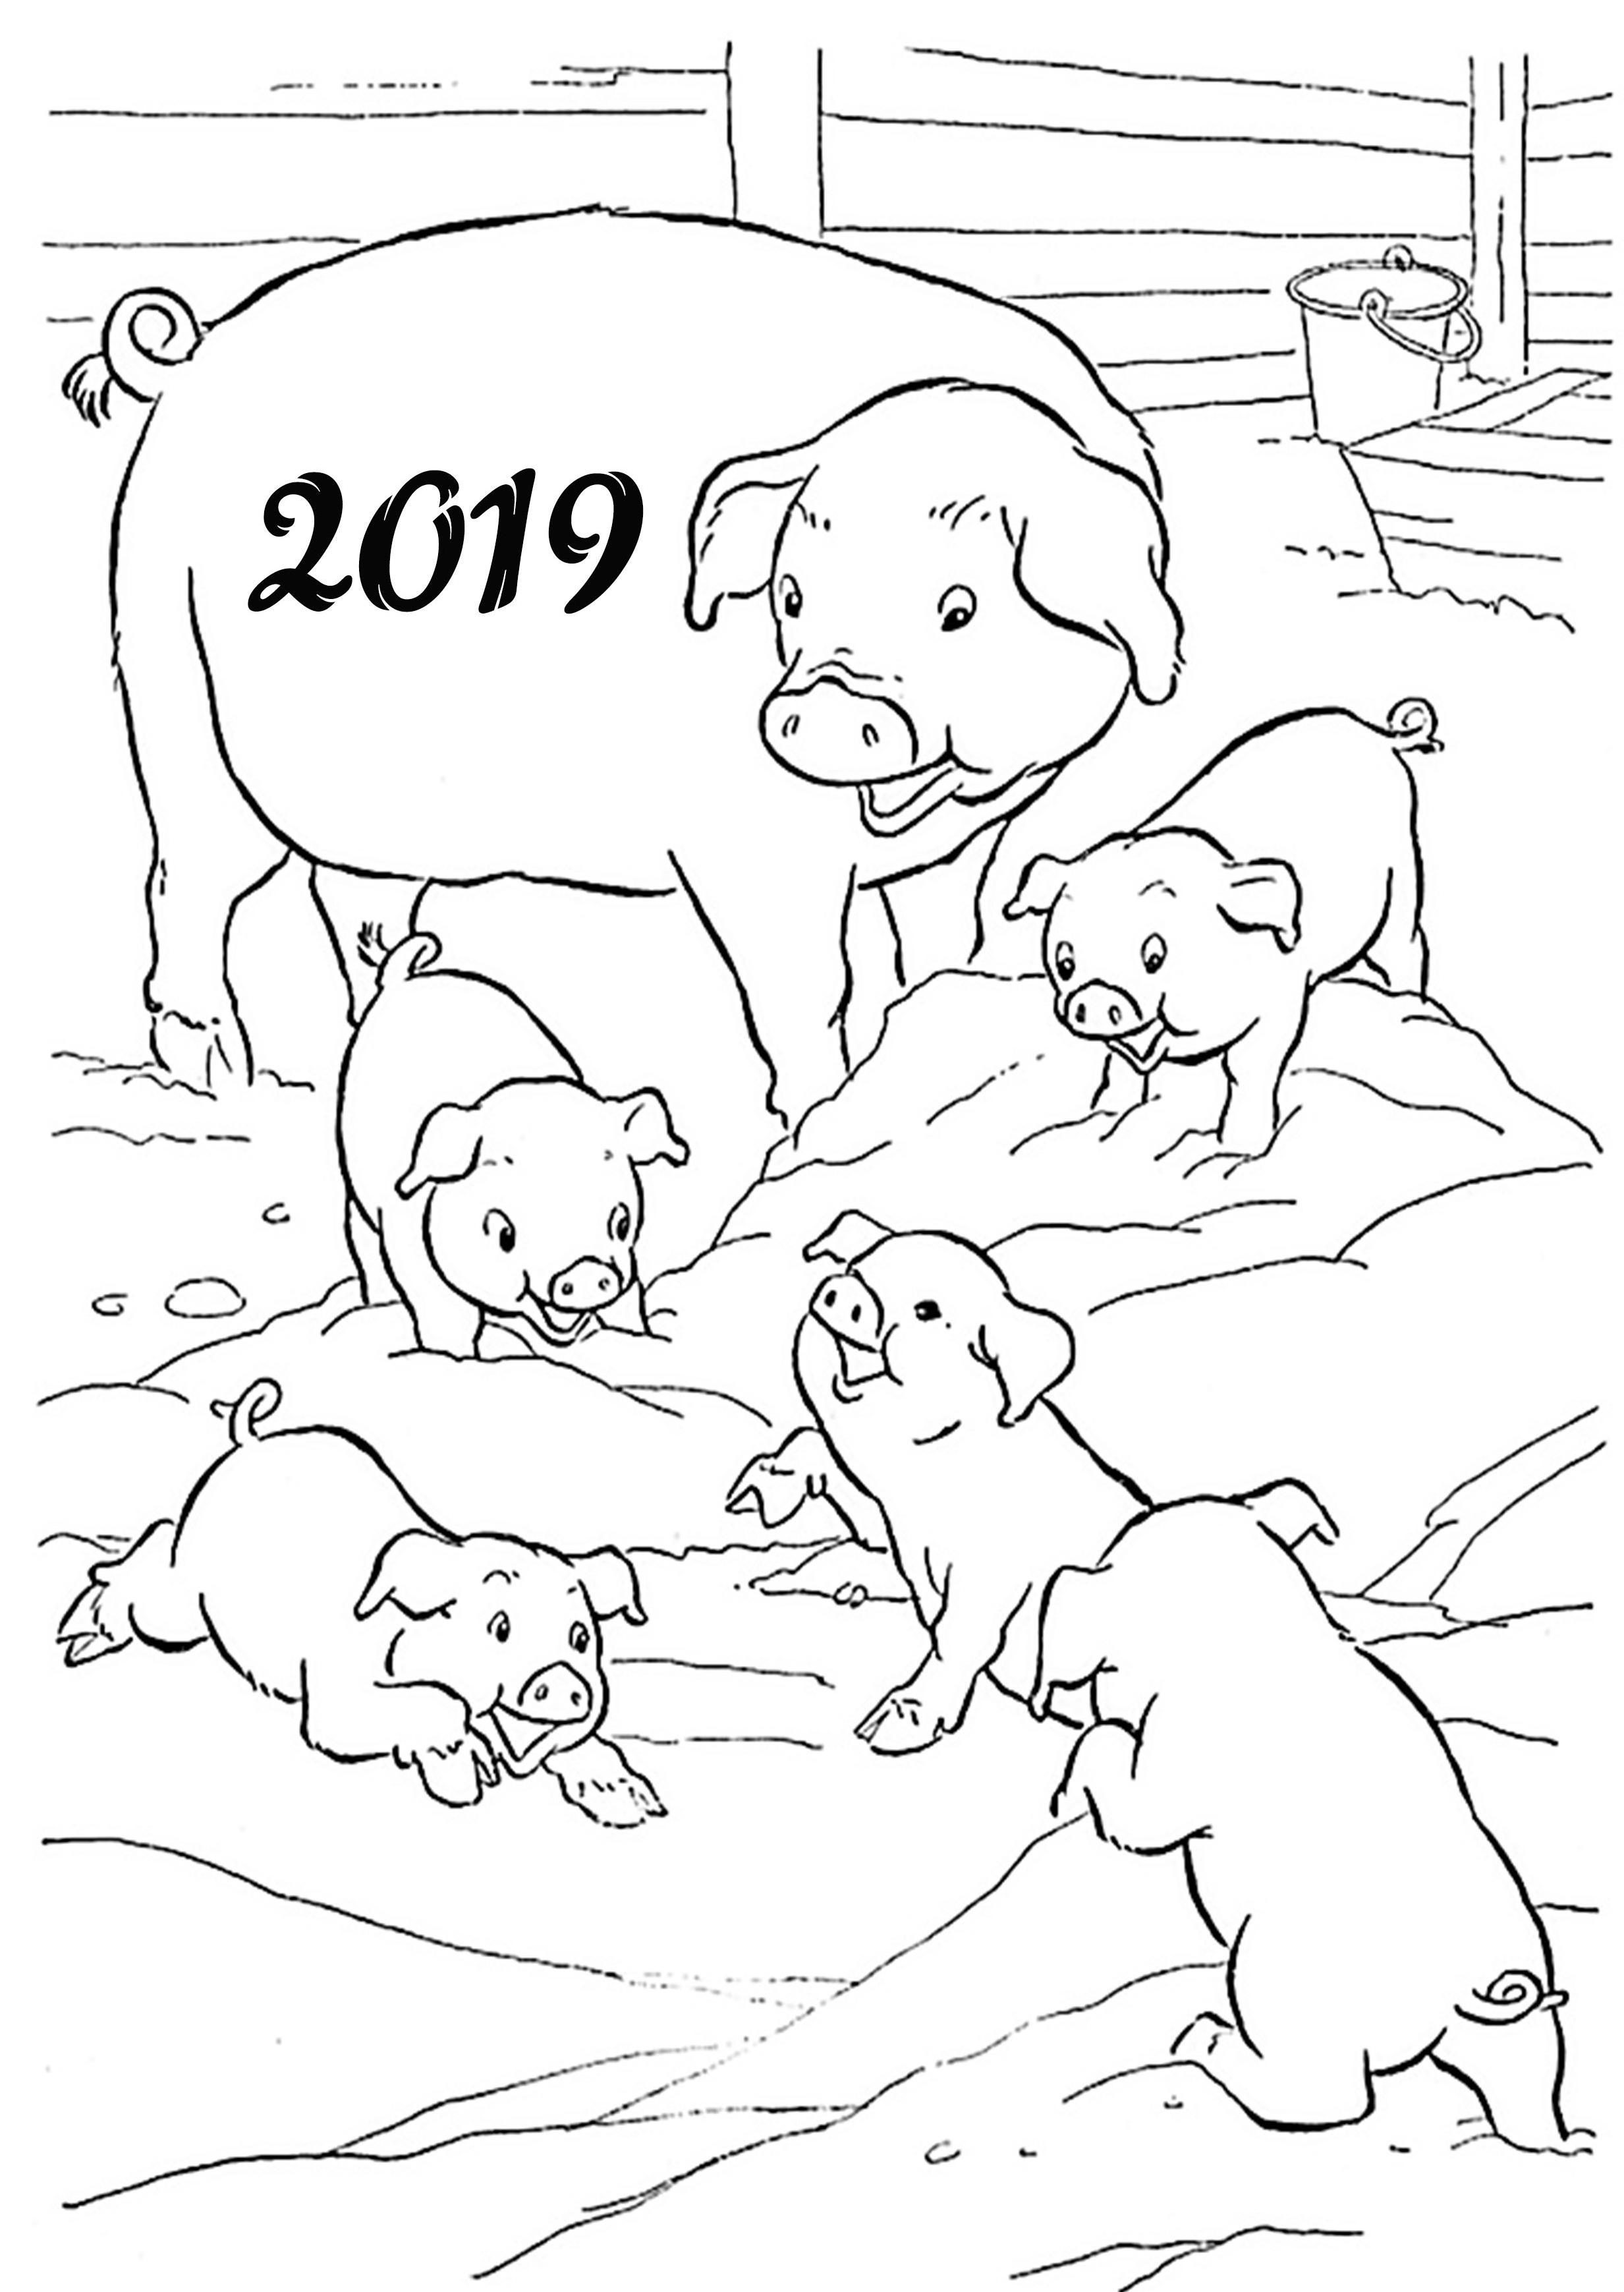 Картинка раскраска на новый год с символом поросятами